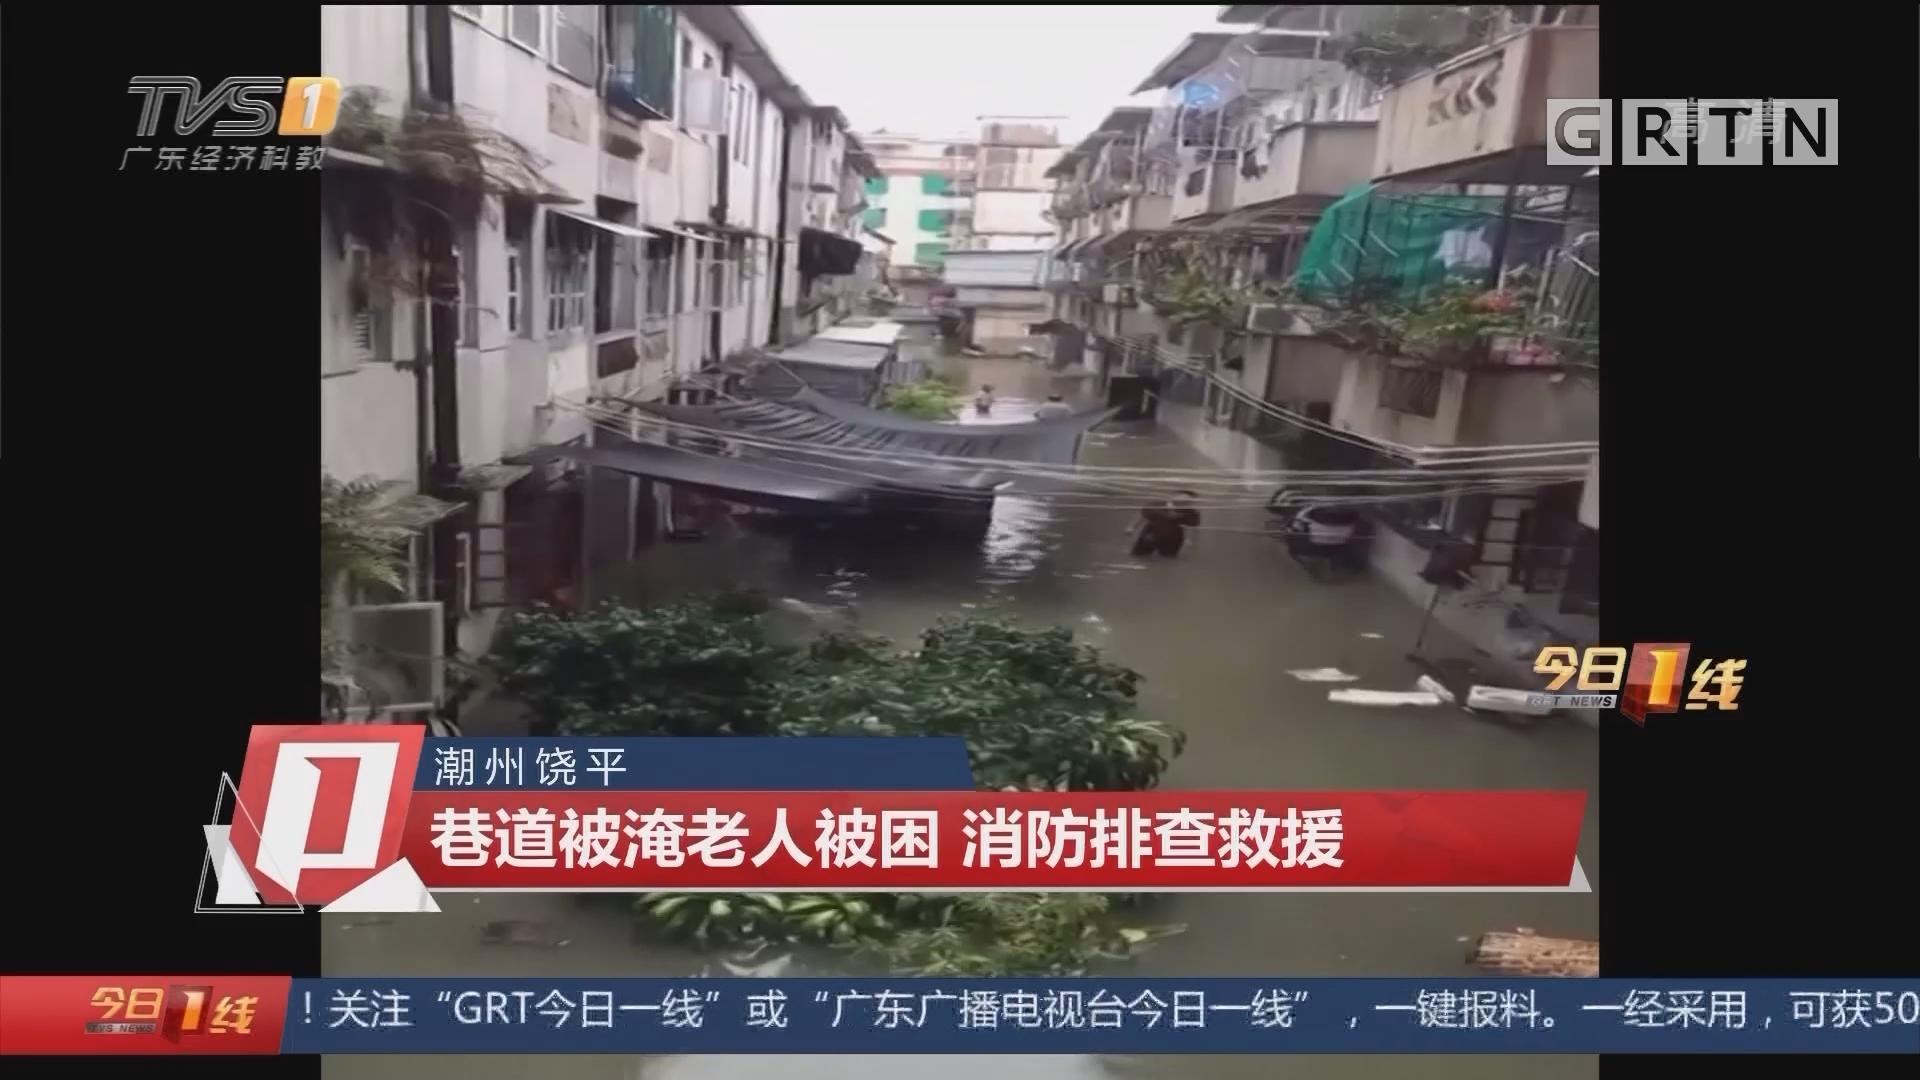 潮州饶平:巷道被淹老人被困 消防排查救援